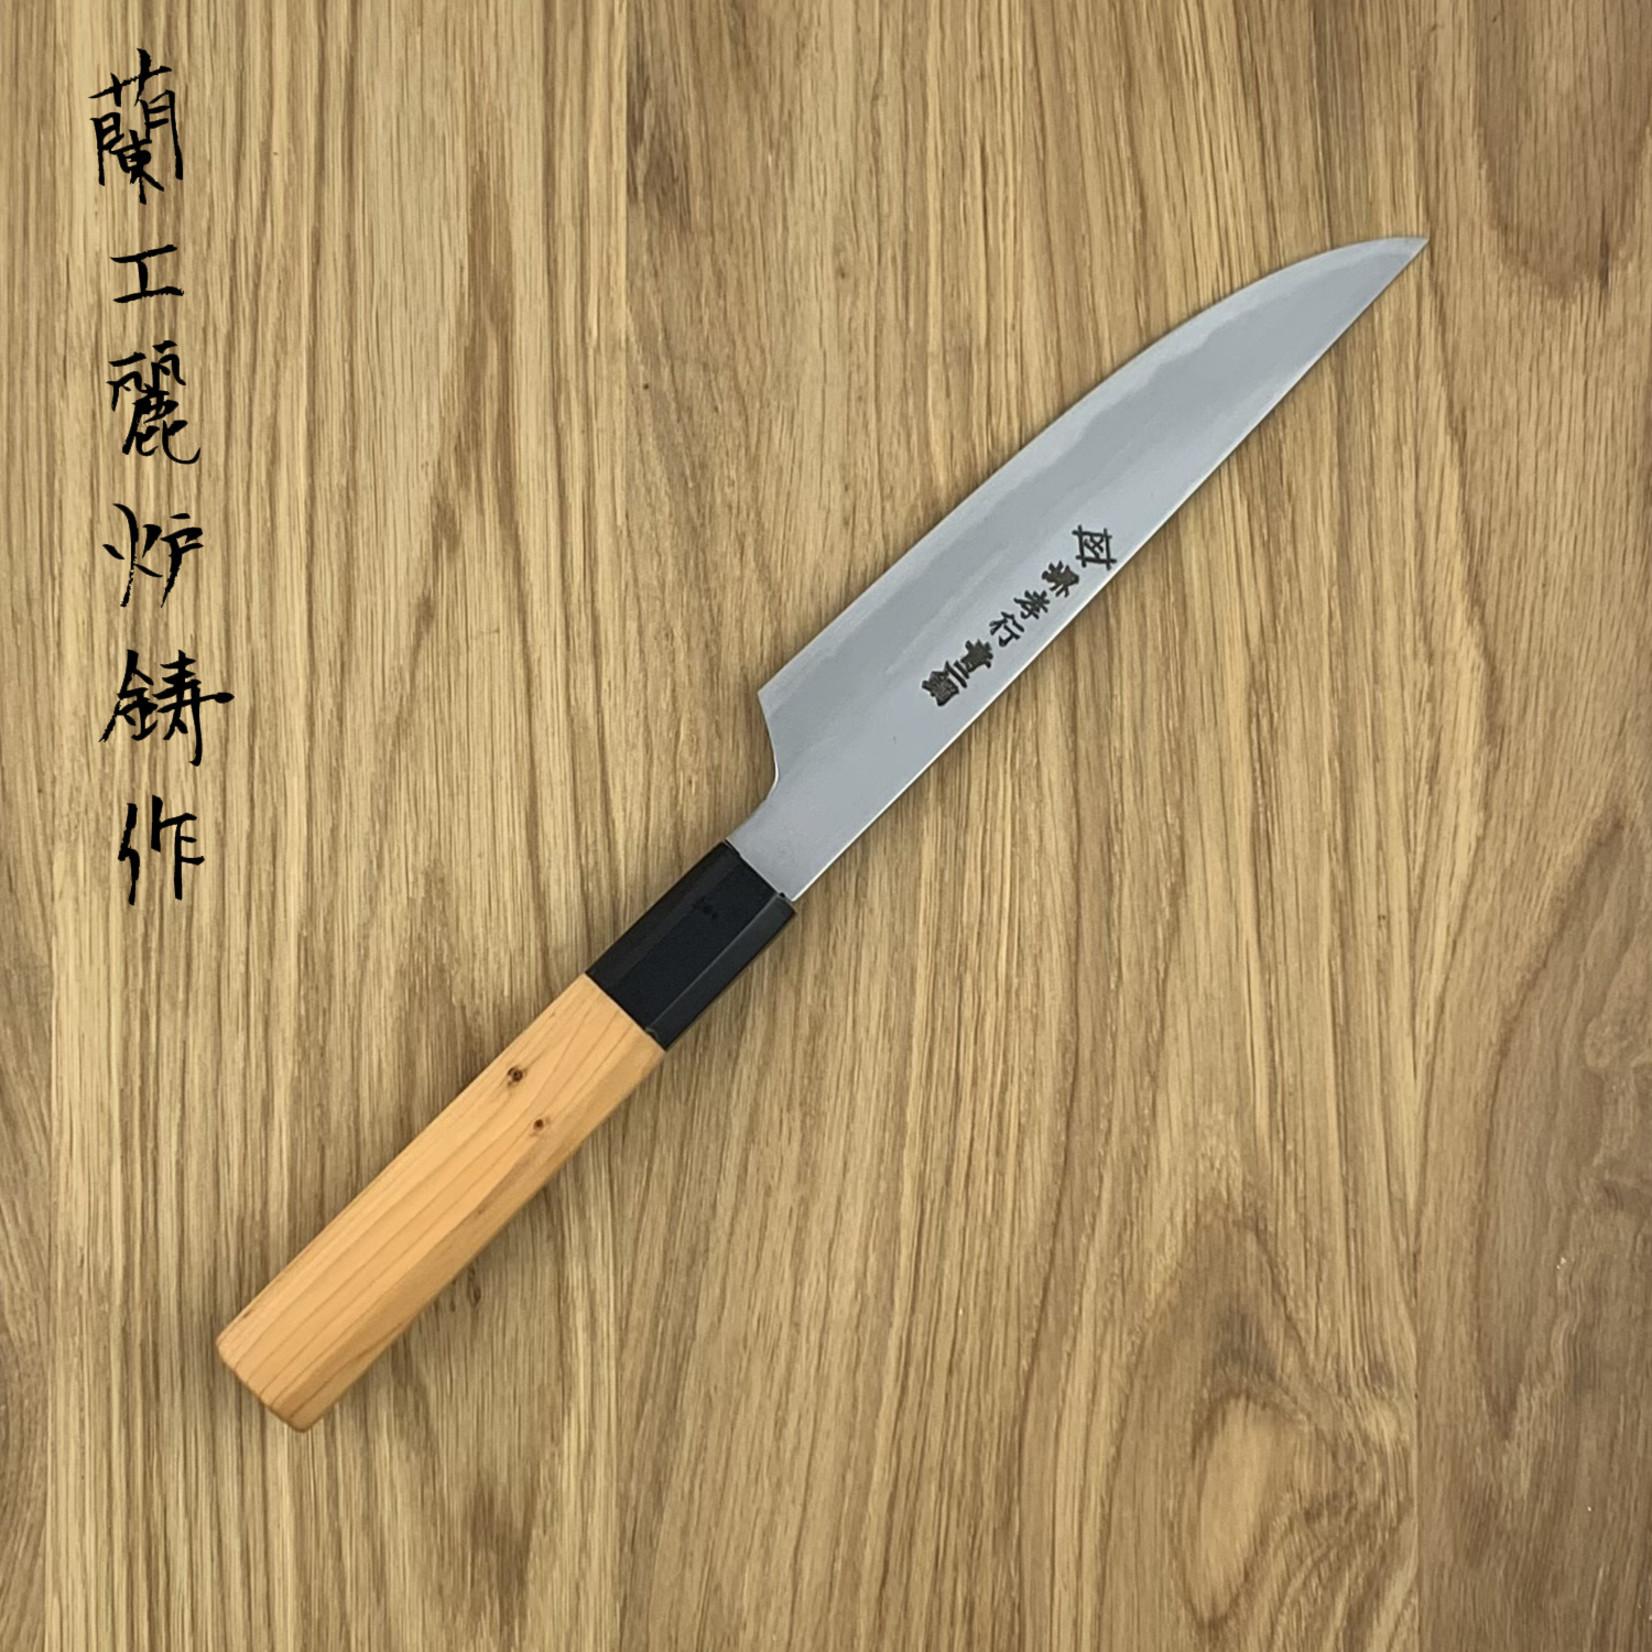 SAKAI TAKAYUKI Homura Blue #2 Petty 150 mm 02258